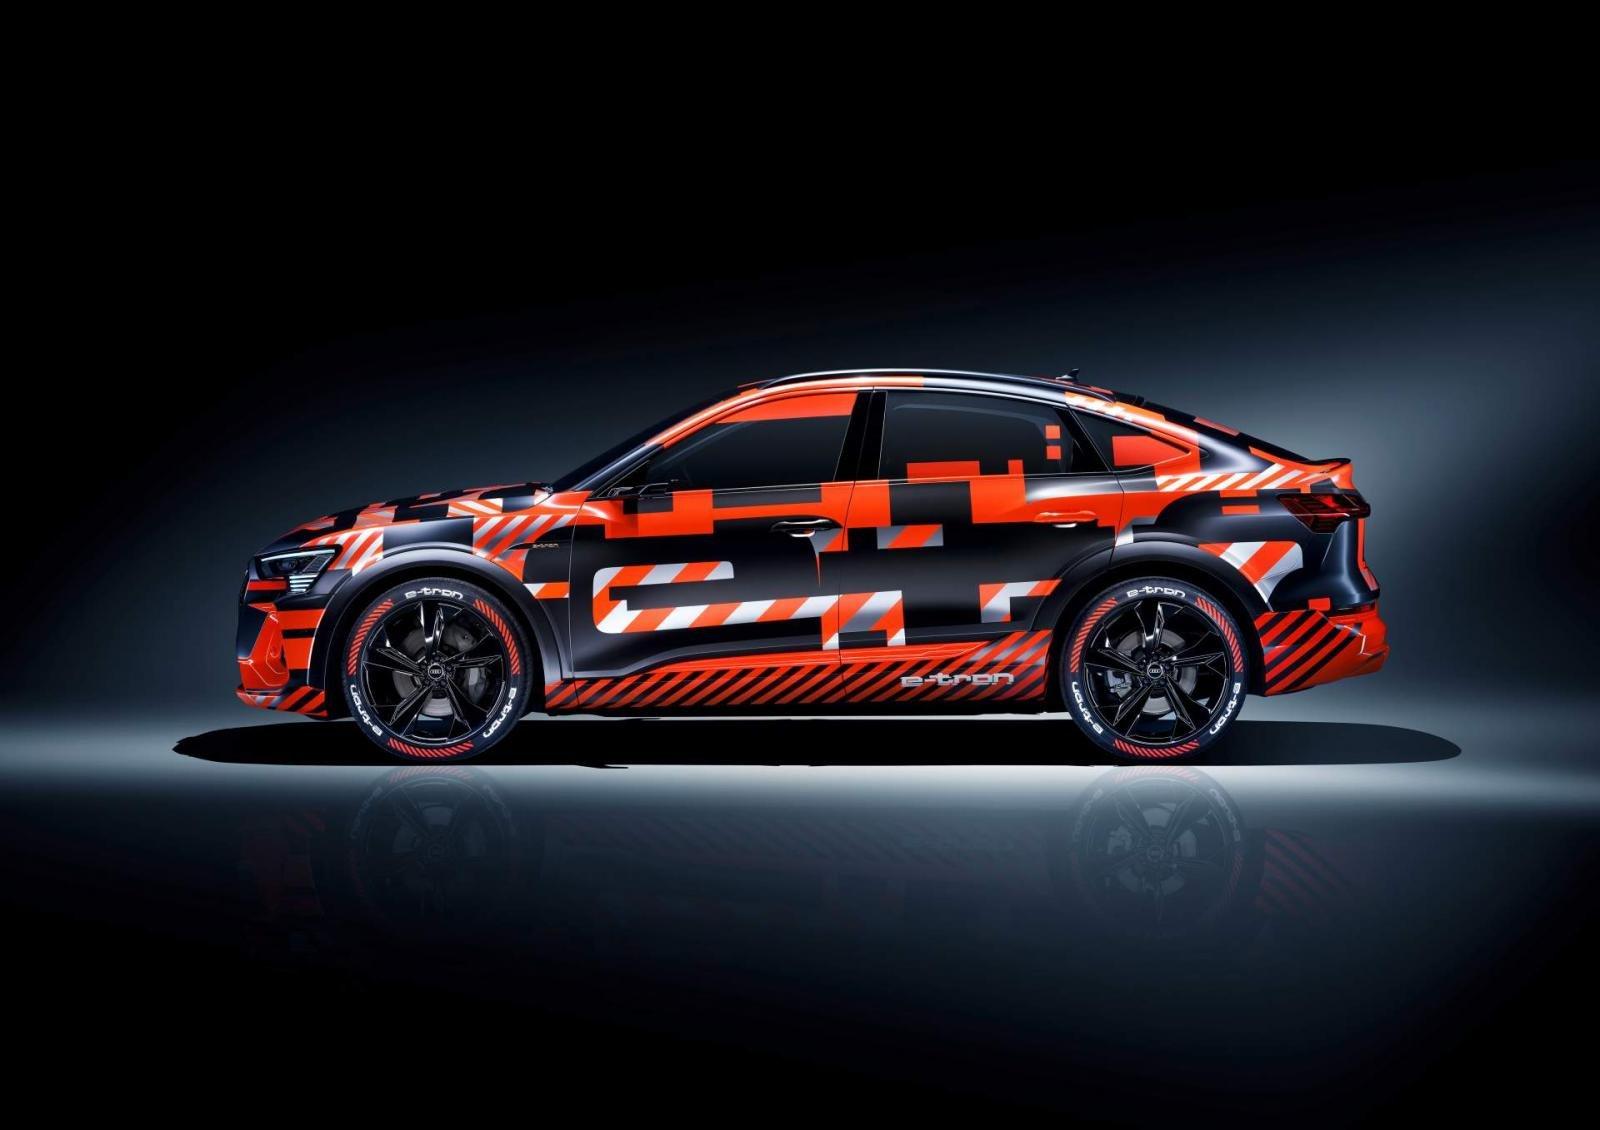 Thông tin chi tiết Audi E-Tron Sportback 2020 vẫn chưa được tiết lộ thêm.